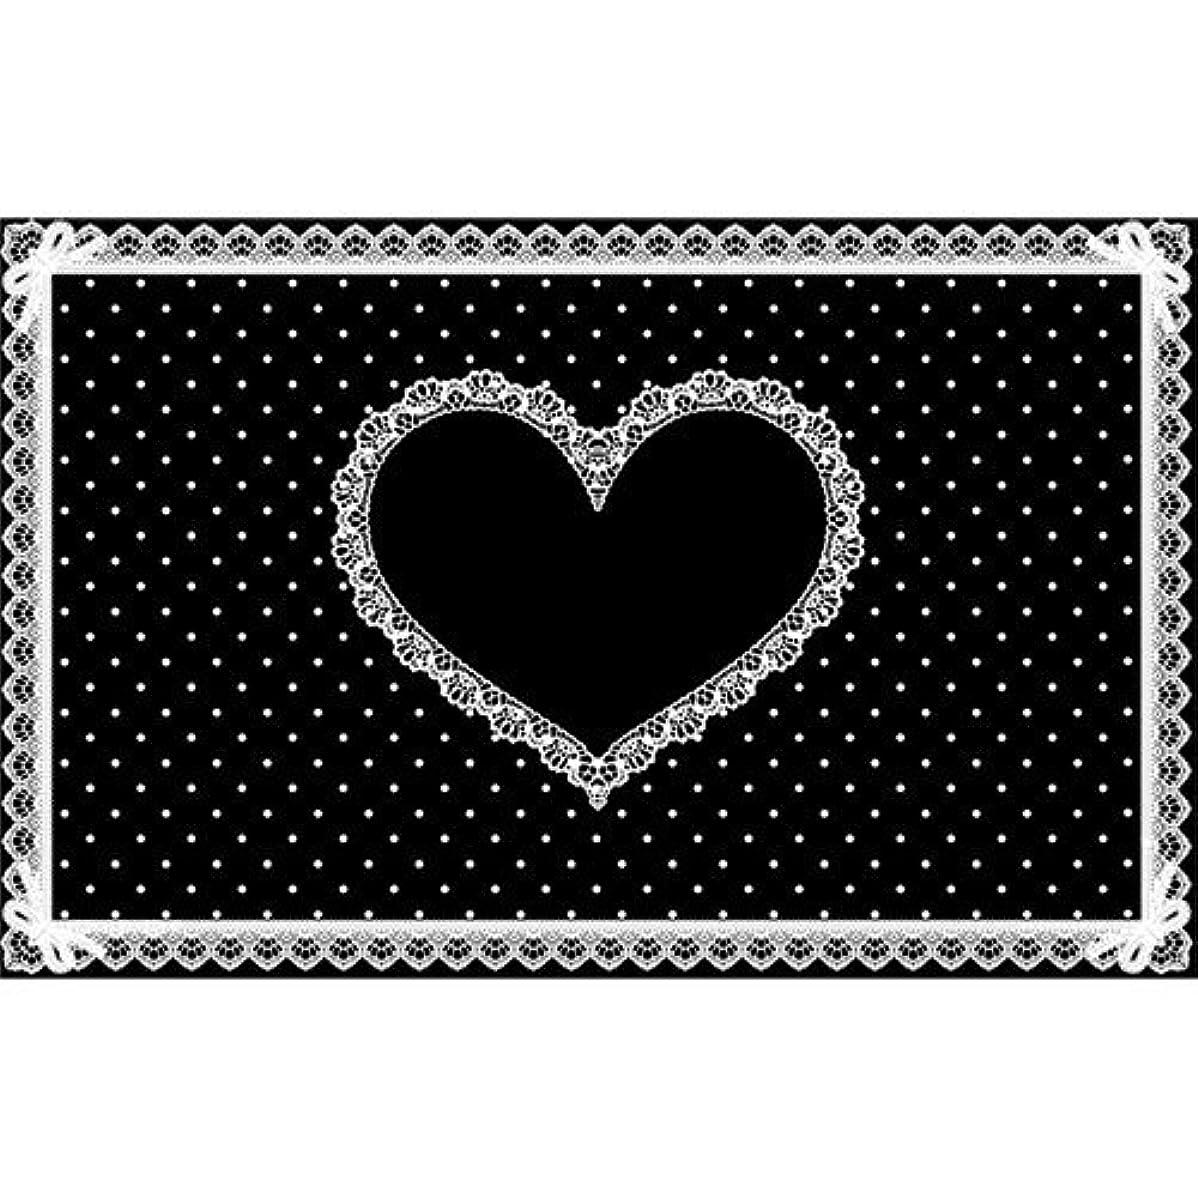 アーカイブペチコート浴室シリコンネイルマット ブラック×白 710×450mm